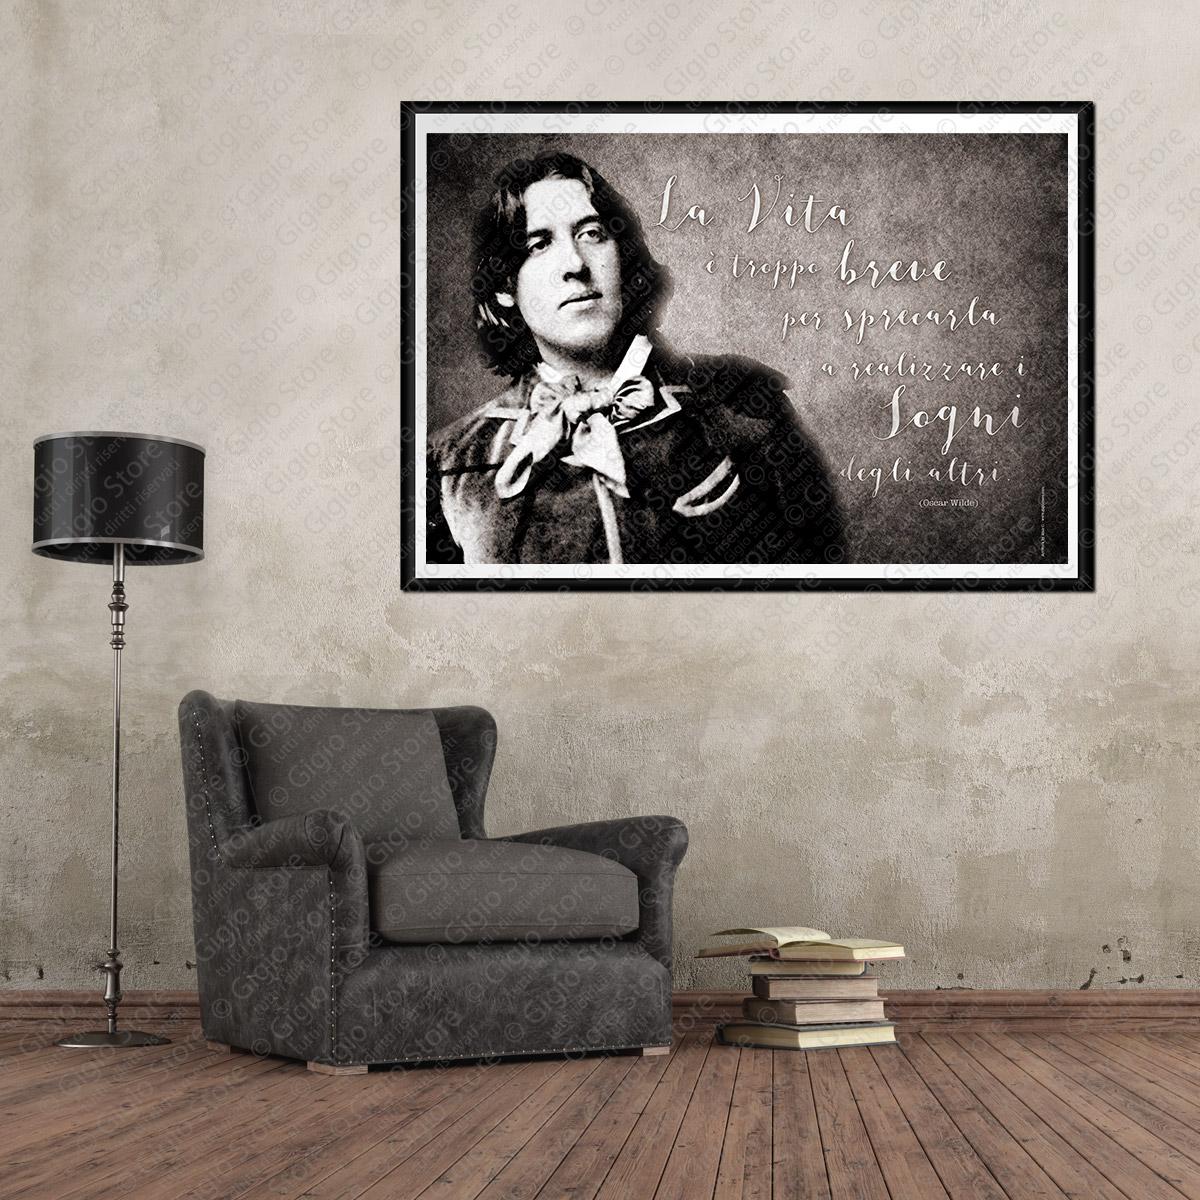 La vita è troppo breve per sprecarla a realizzare i sogni degli altri Poster Adesivi Muro Pareti Frasi citazioni Oscar Wilde